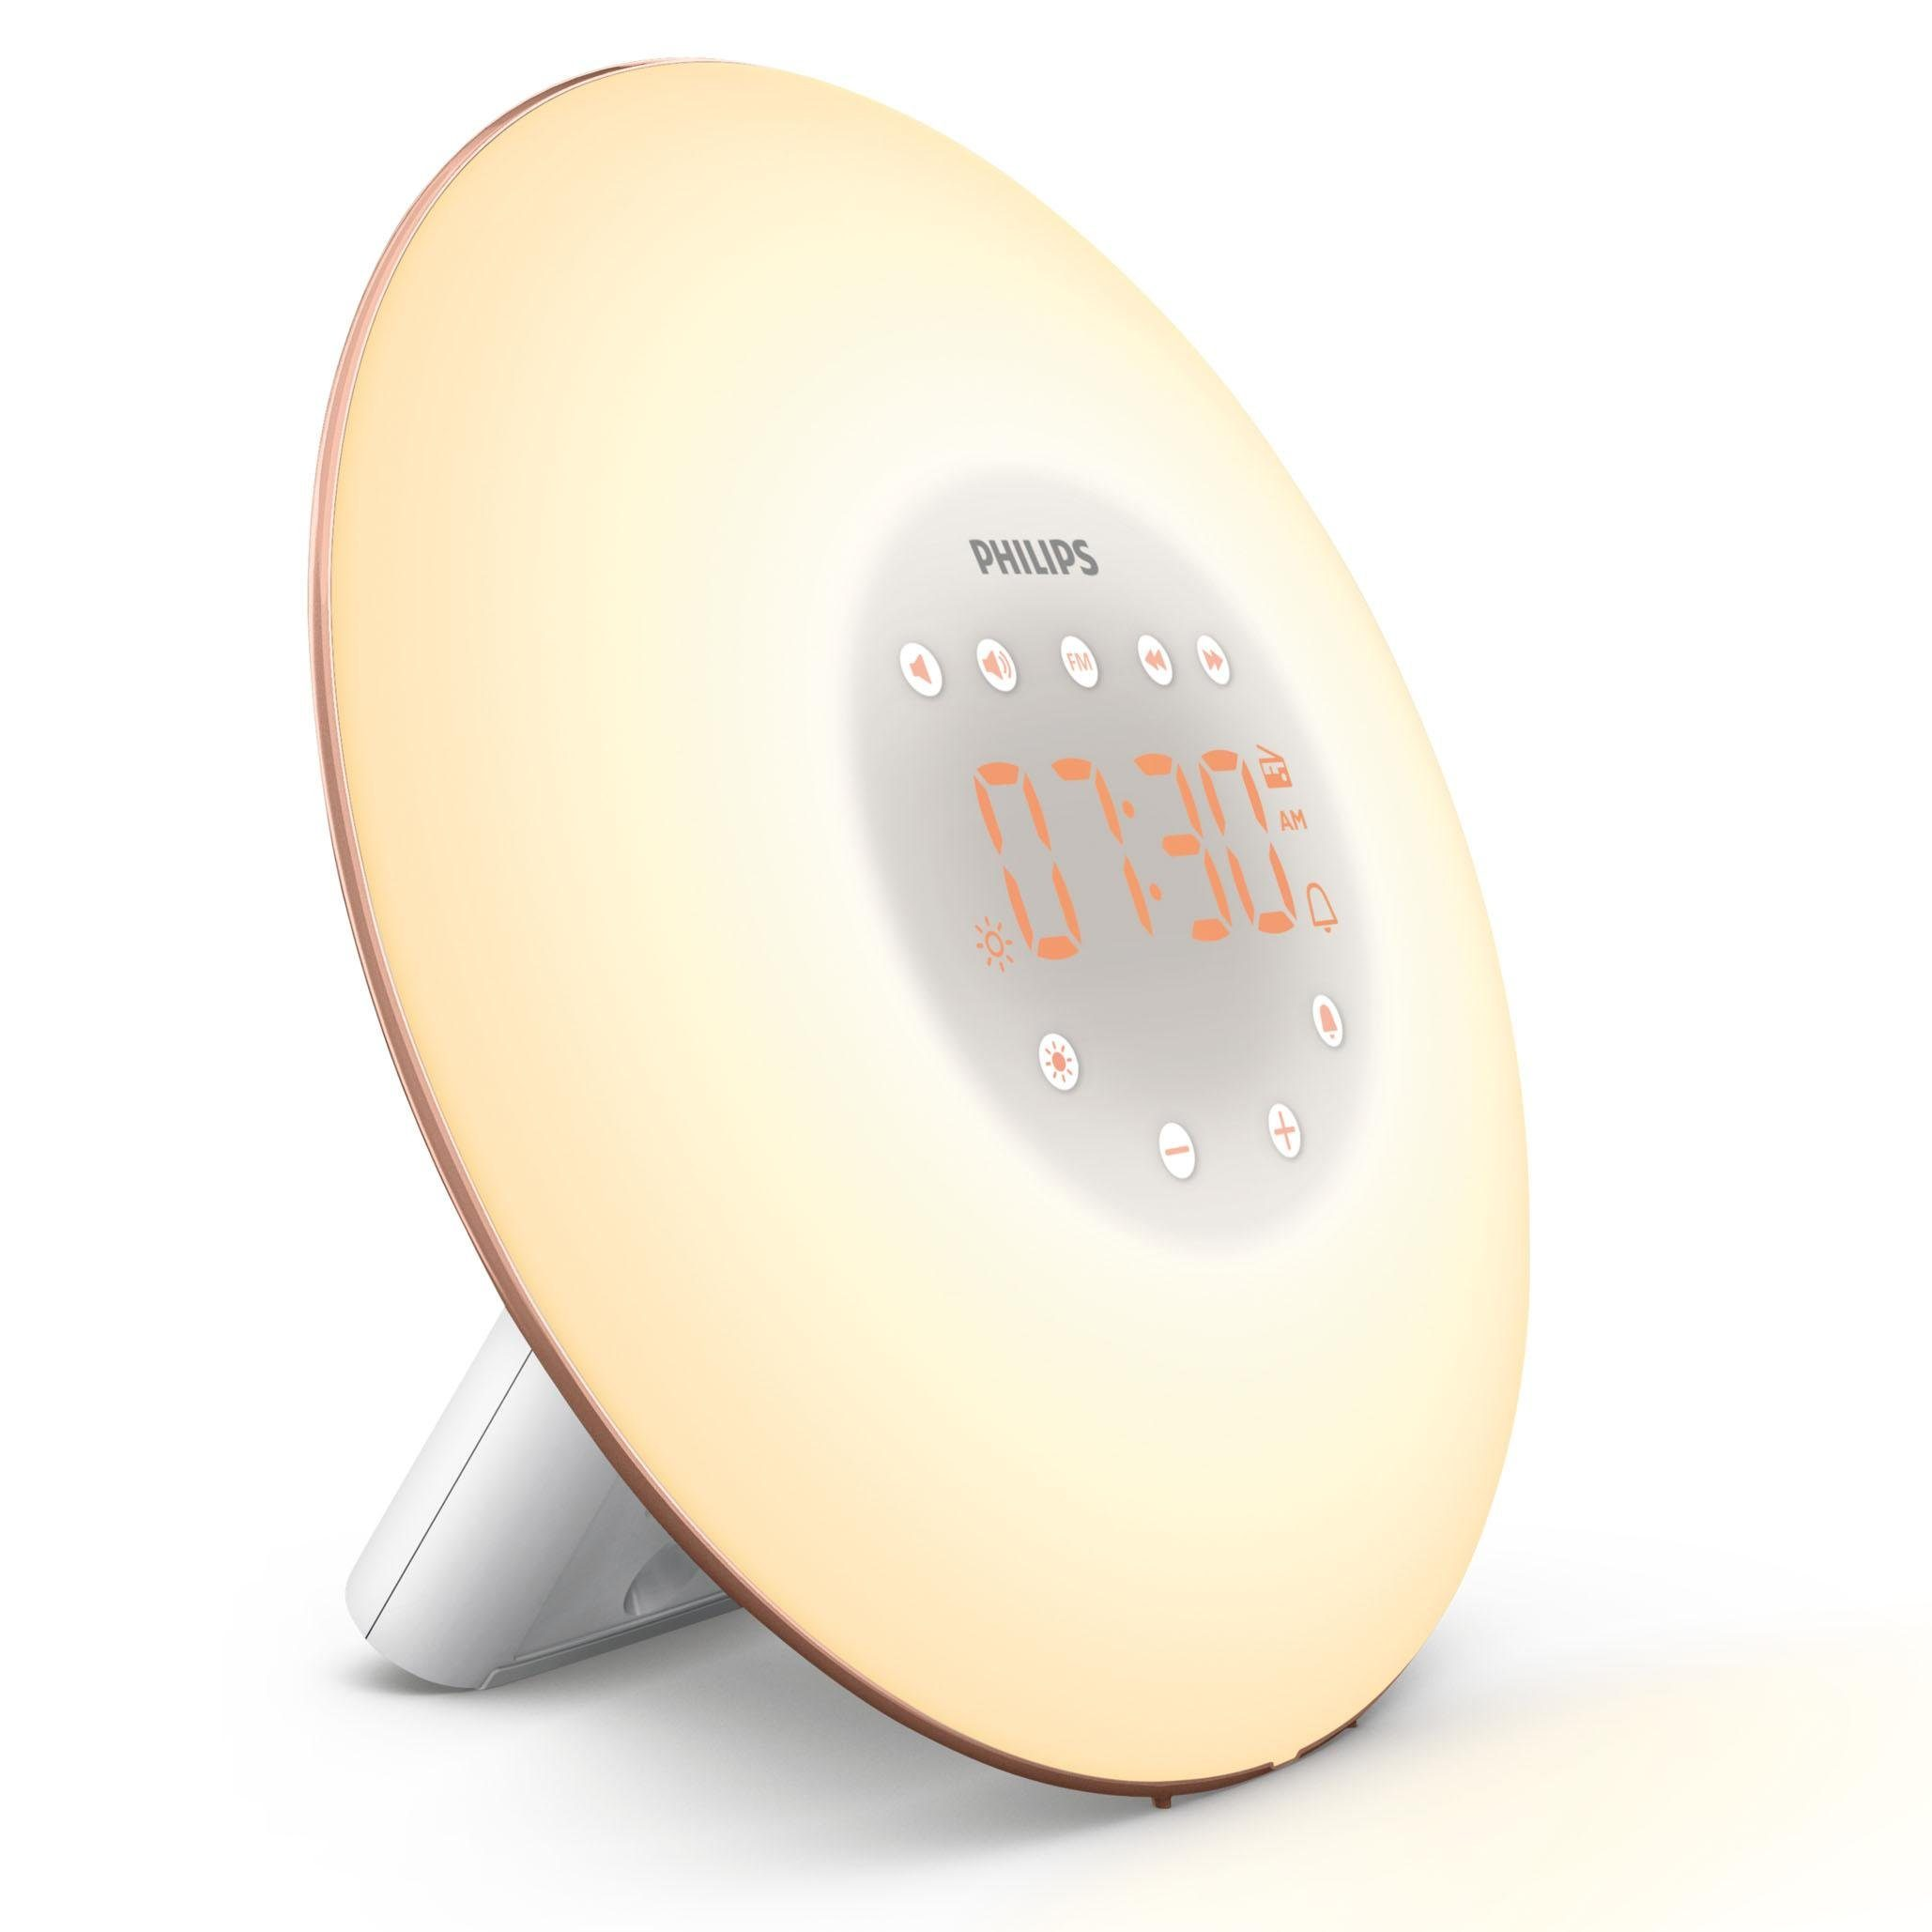 Philips Tageslichtwecker »HF350650 Wake Up Light« Aufwachen mit Licht und natürlichen Tönen online kaufen | OTTO